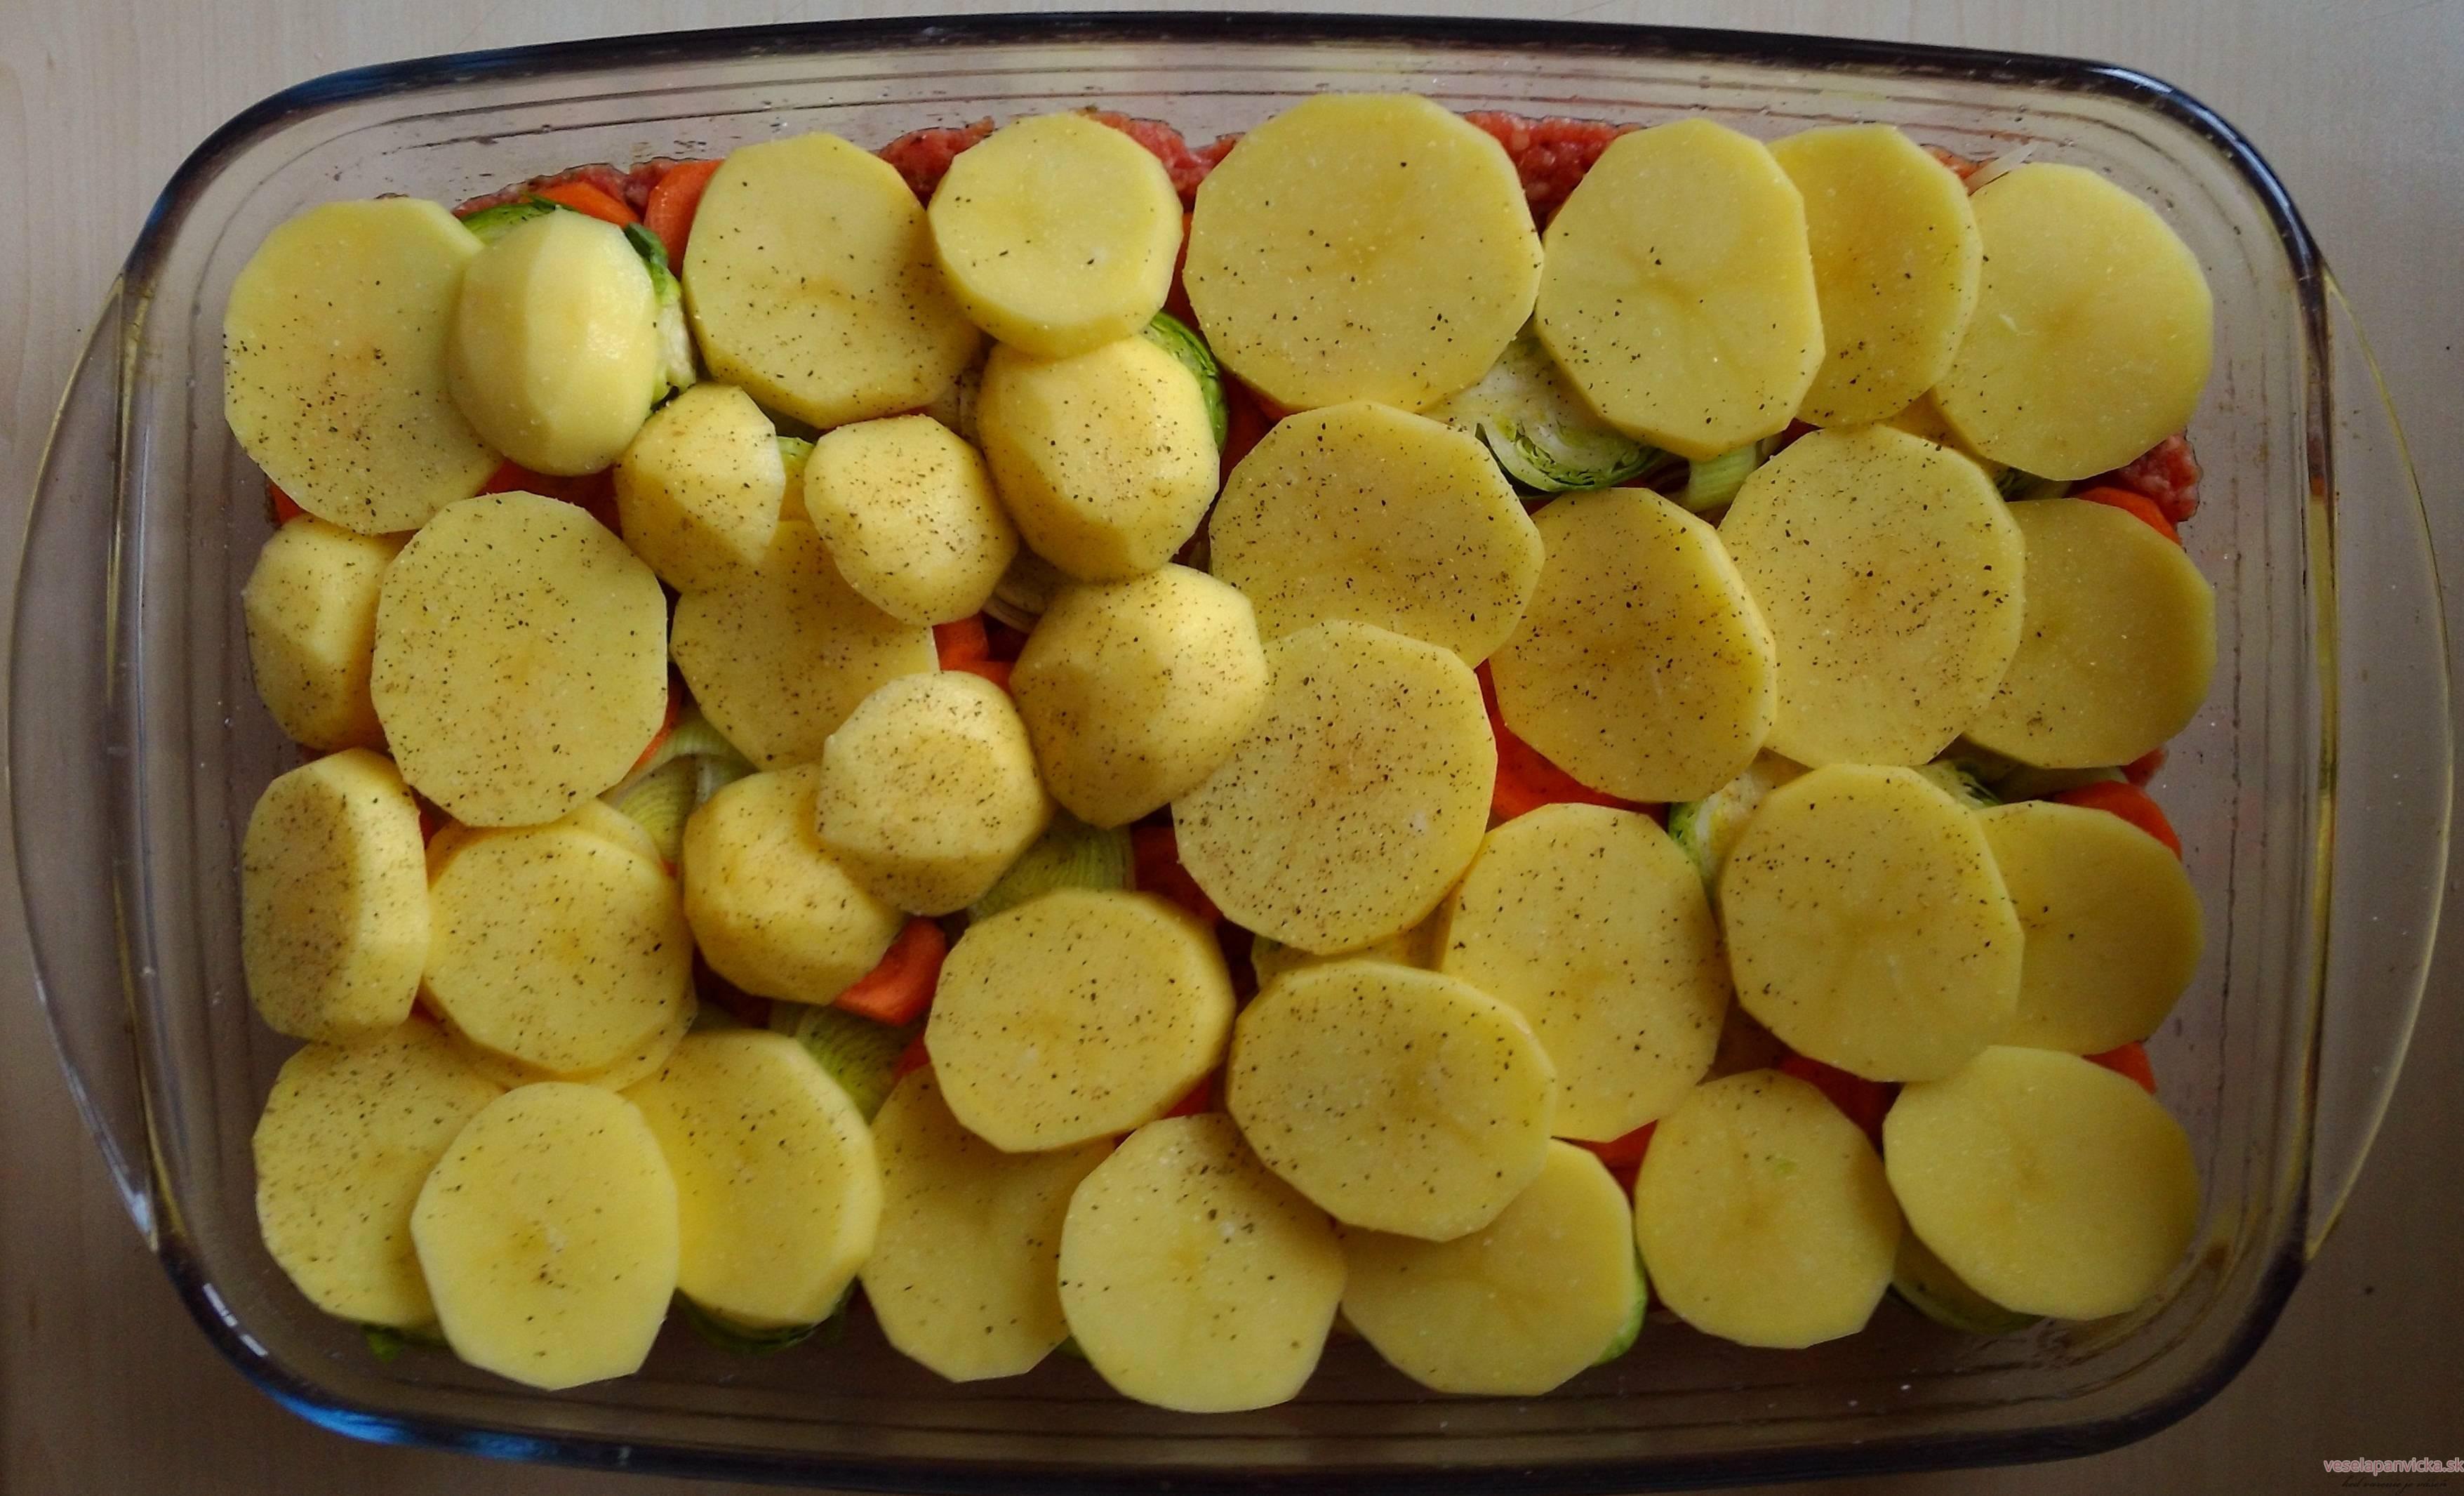 zapekane zemiaky s mletym masom (2)